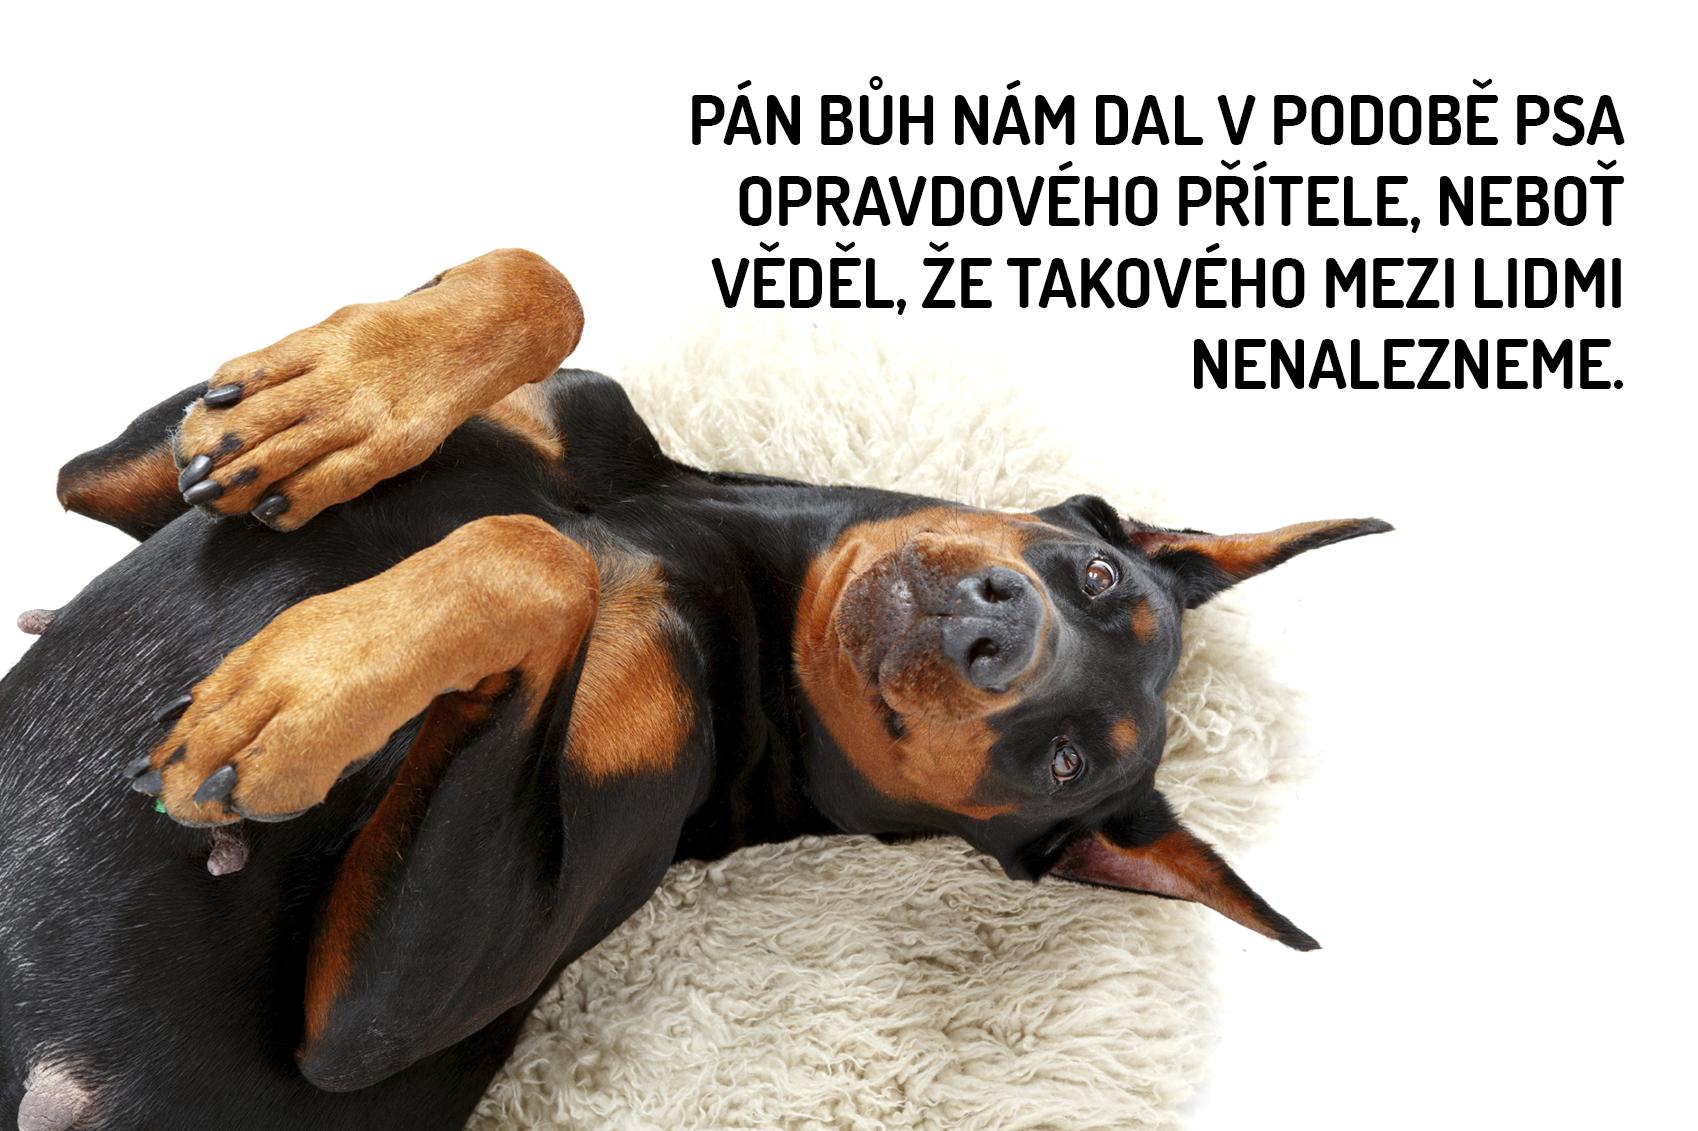 citáty o psech Nejkrásnější citáty o psech | ostatní | Pinterest citáty o psech